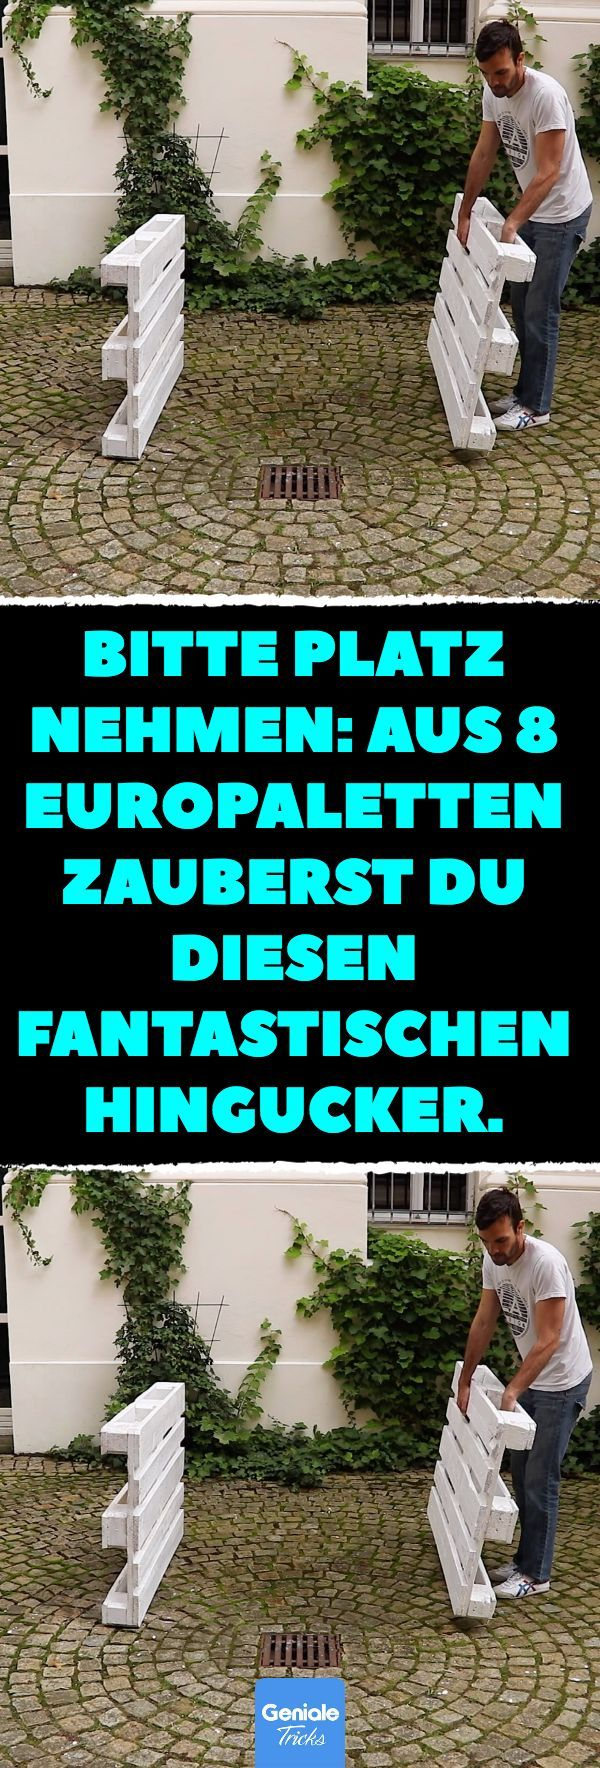 Bitte Platz Nehmen Aus 8 Europaletten Zauberst Du Diesen Fantastischen Hingucke Bitte Platz Nehm Europaletten Garten Europalette Mobel Garten Paletten Garten